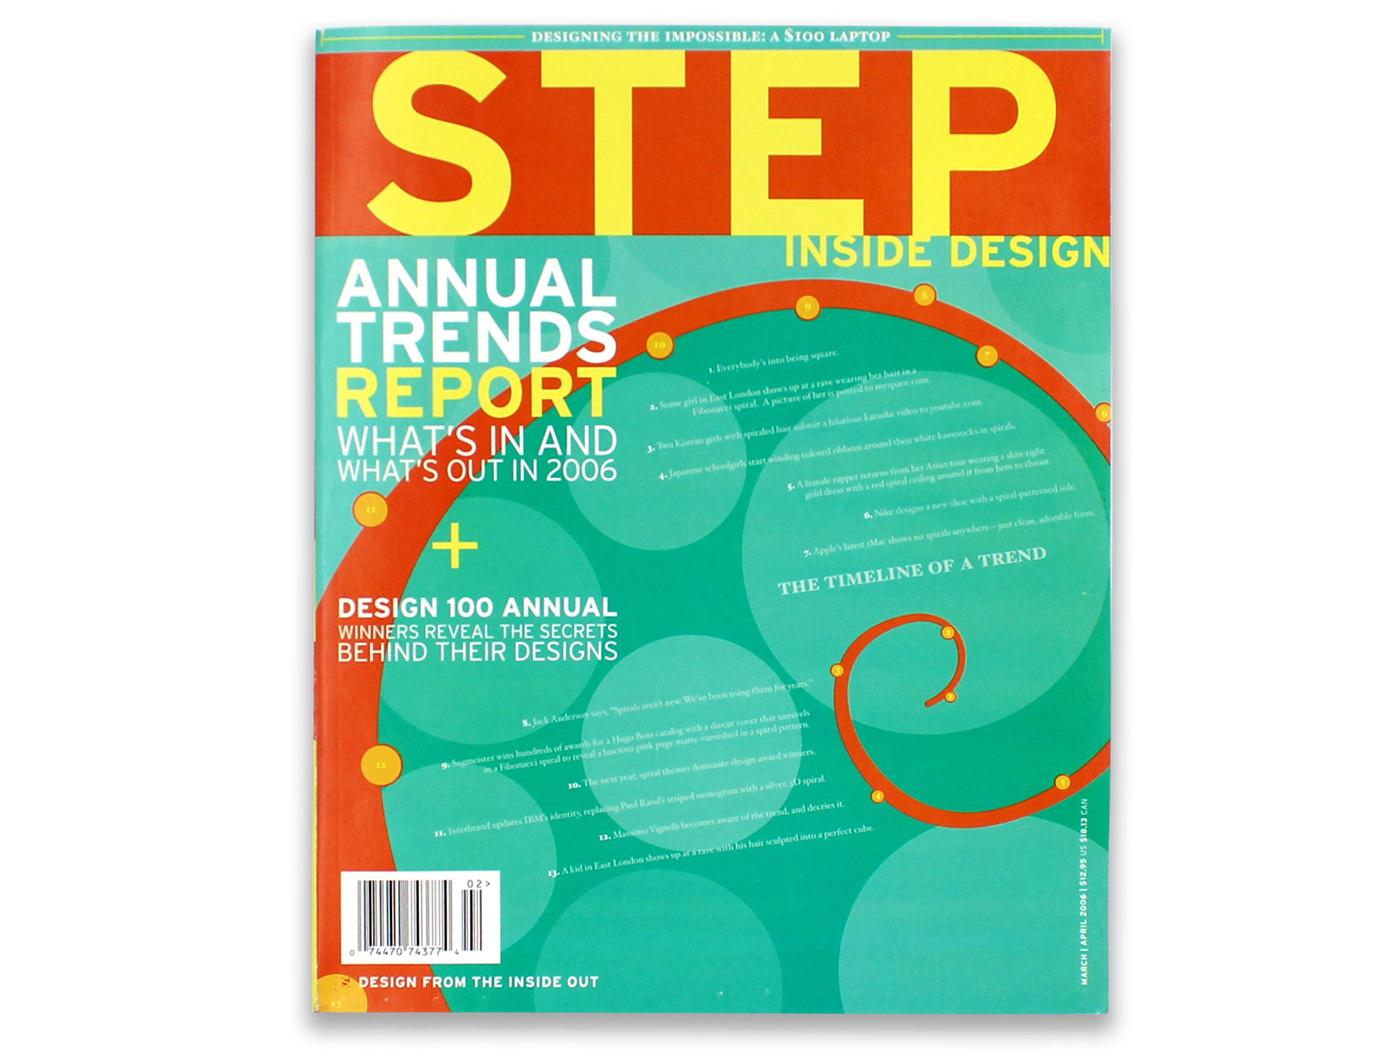 STEP Inside Design Magazine Cover